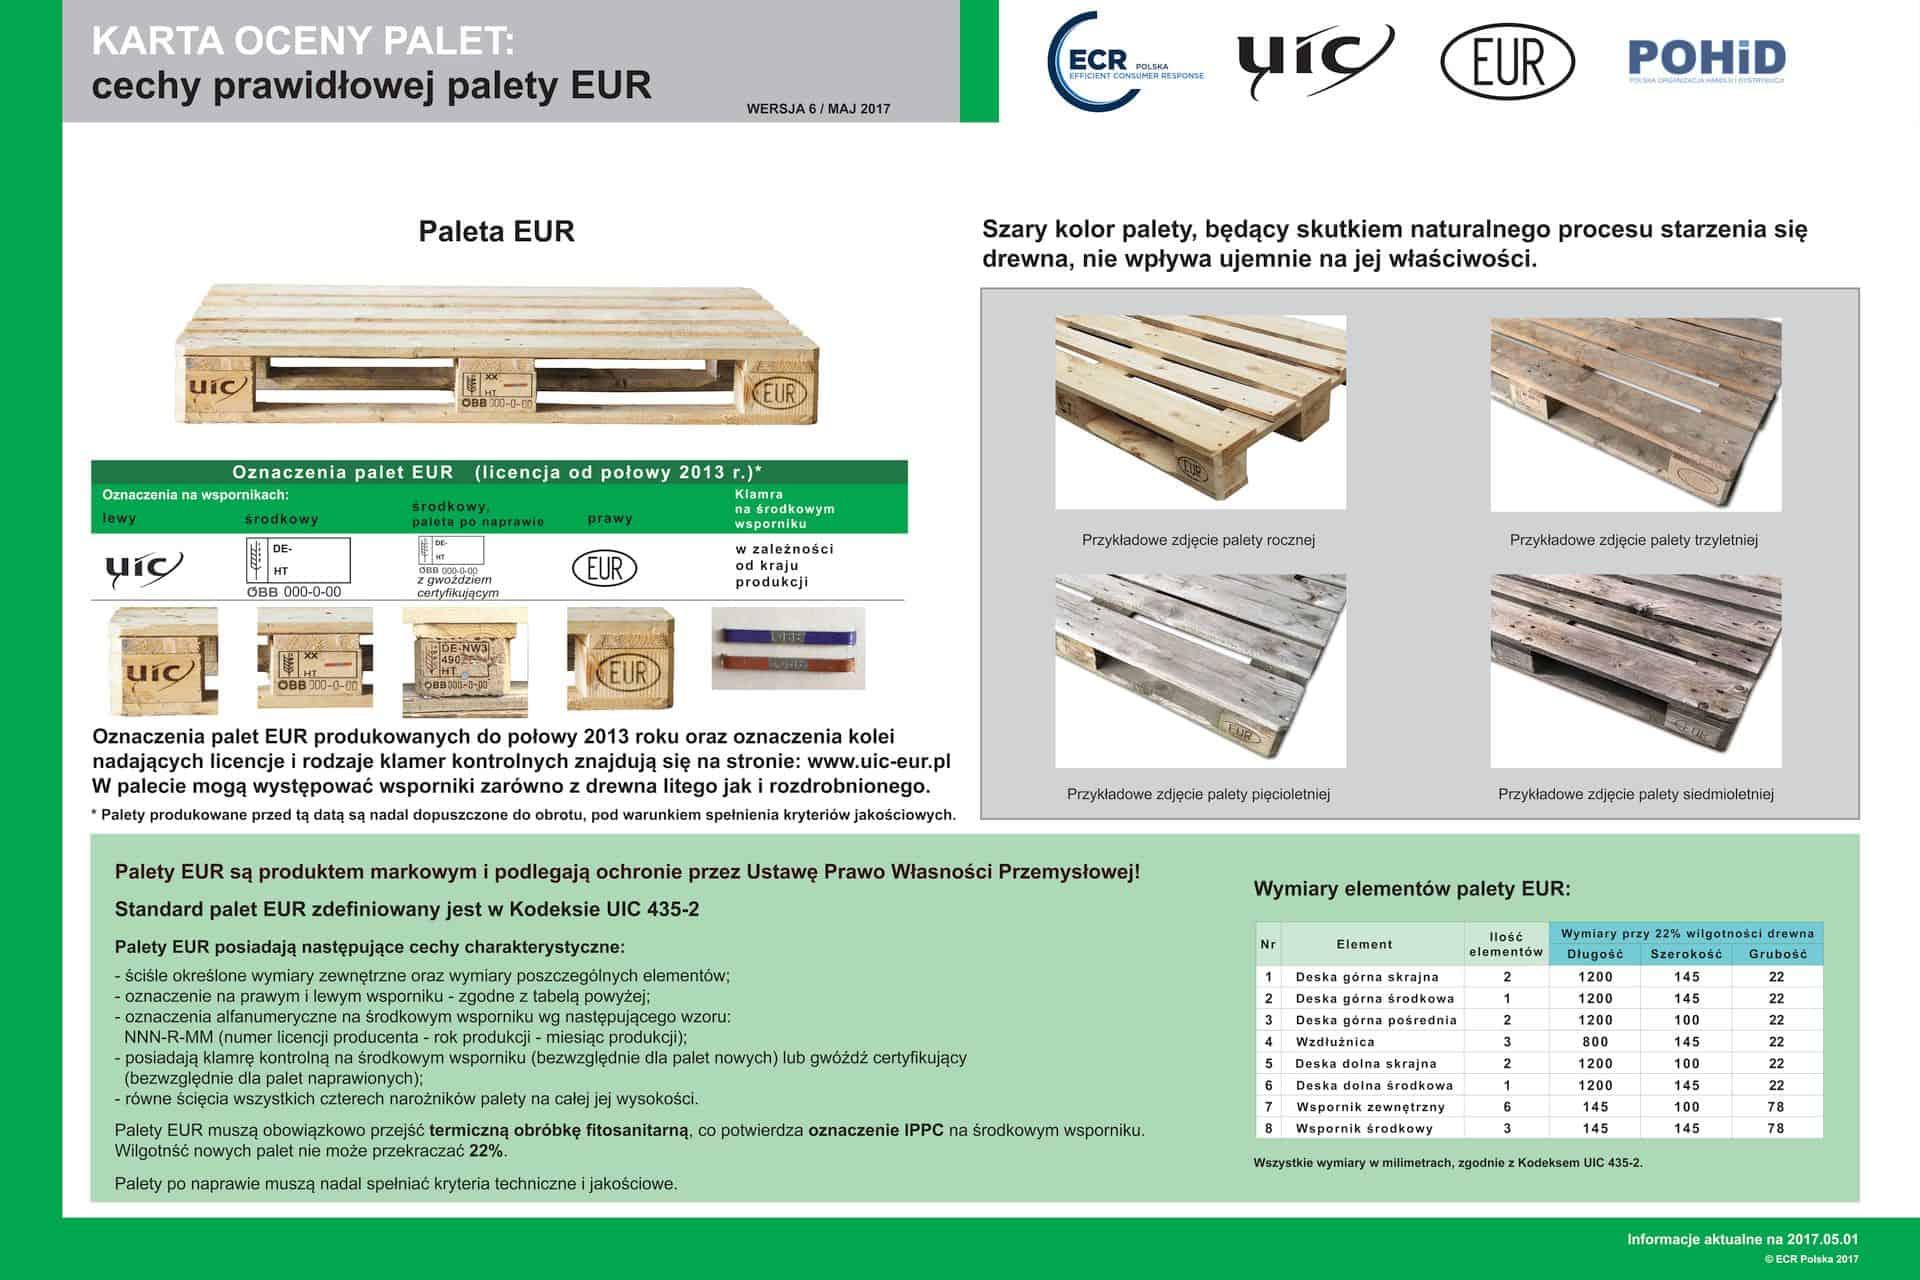 kryteria oceny palety EUR